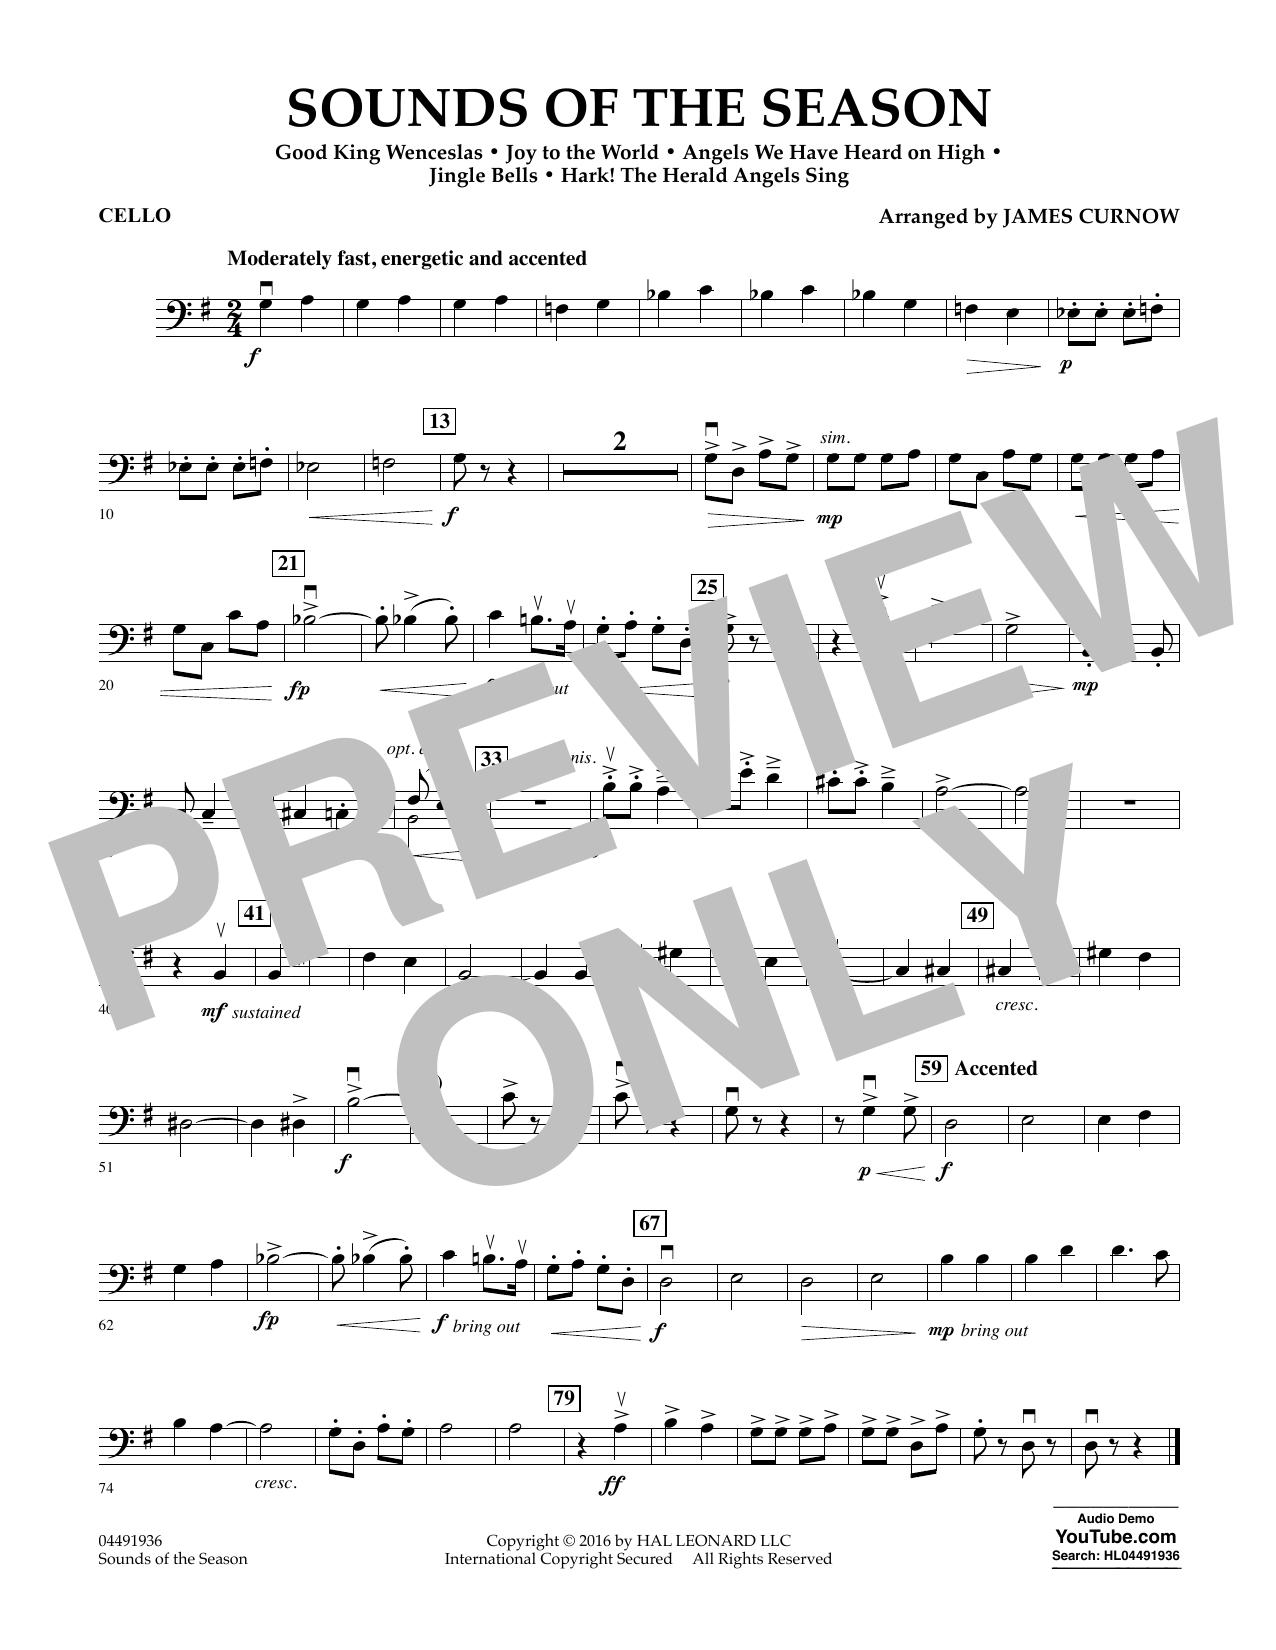 Sounds of the Season - Cello